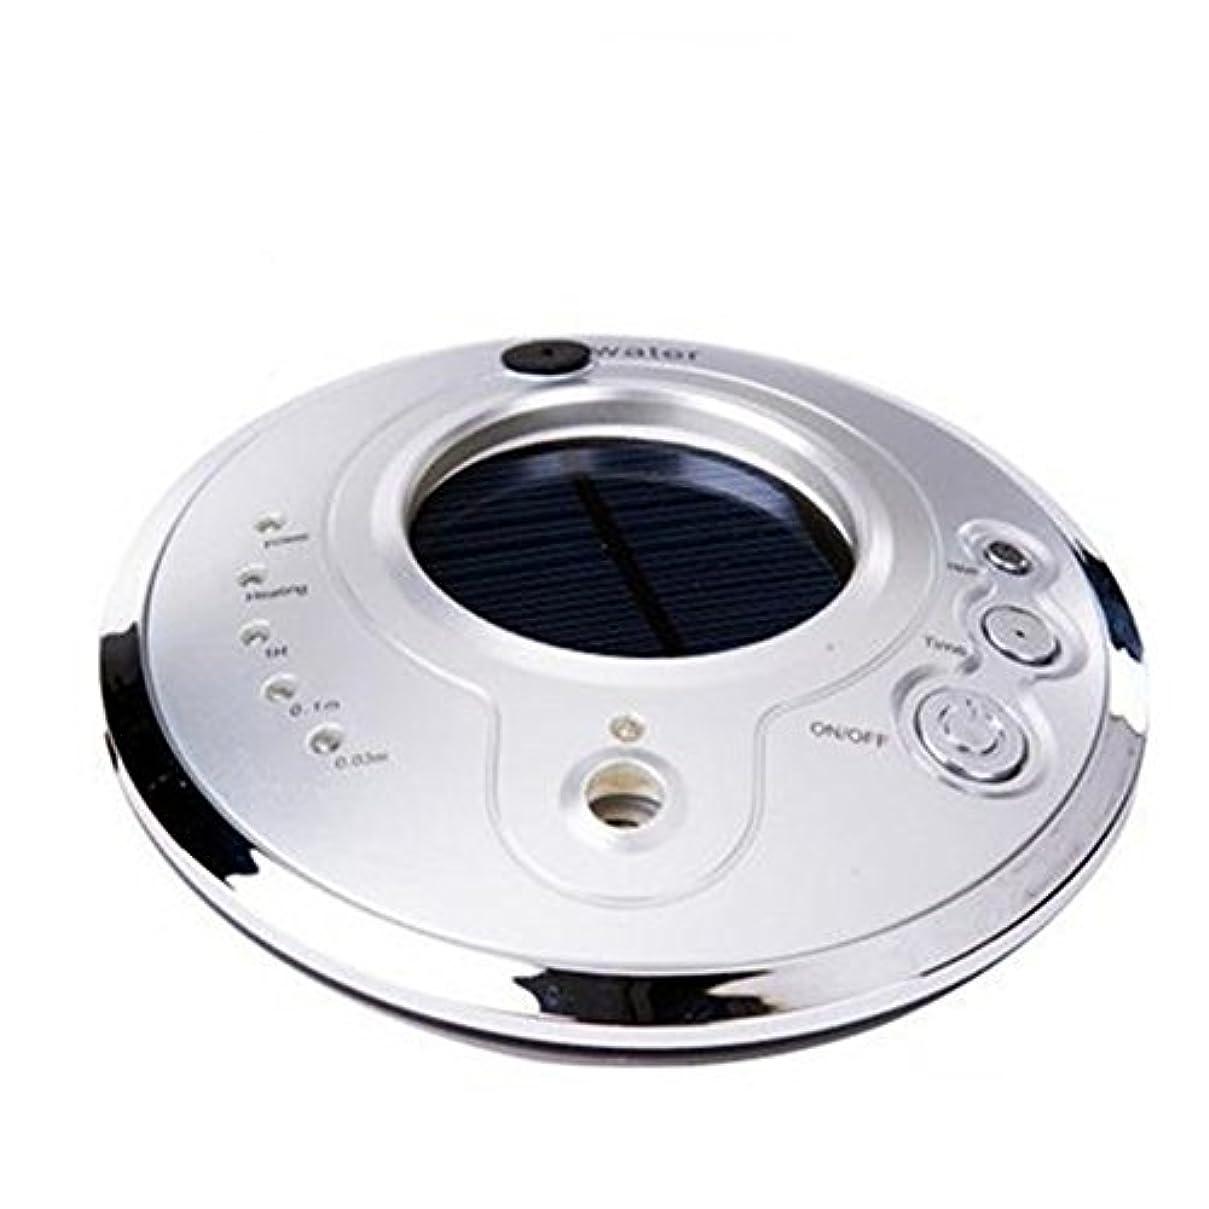 リールセミナー効果的Auroraloveイオン空気清浄機Fresher USB車空気加湿器、ソーラーイオン加湿器、アロマセラピー車Essential Oil Diffuser、超音波車モードで調節可能なミスト加湿器 シルバー